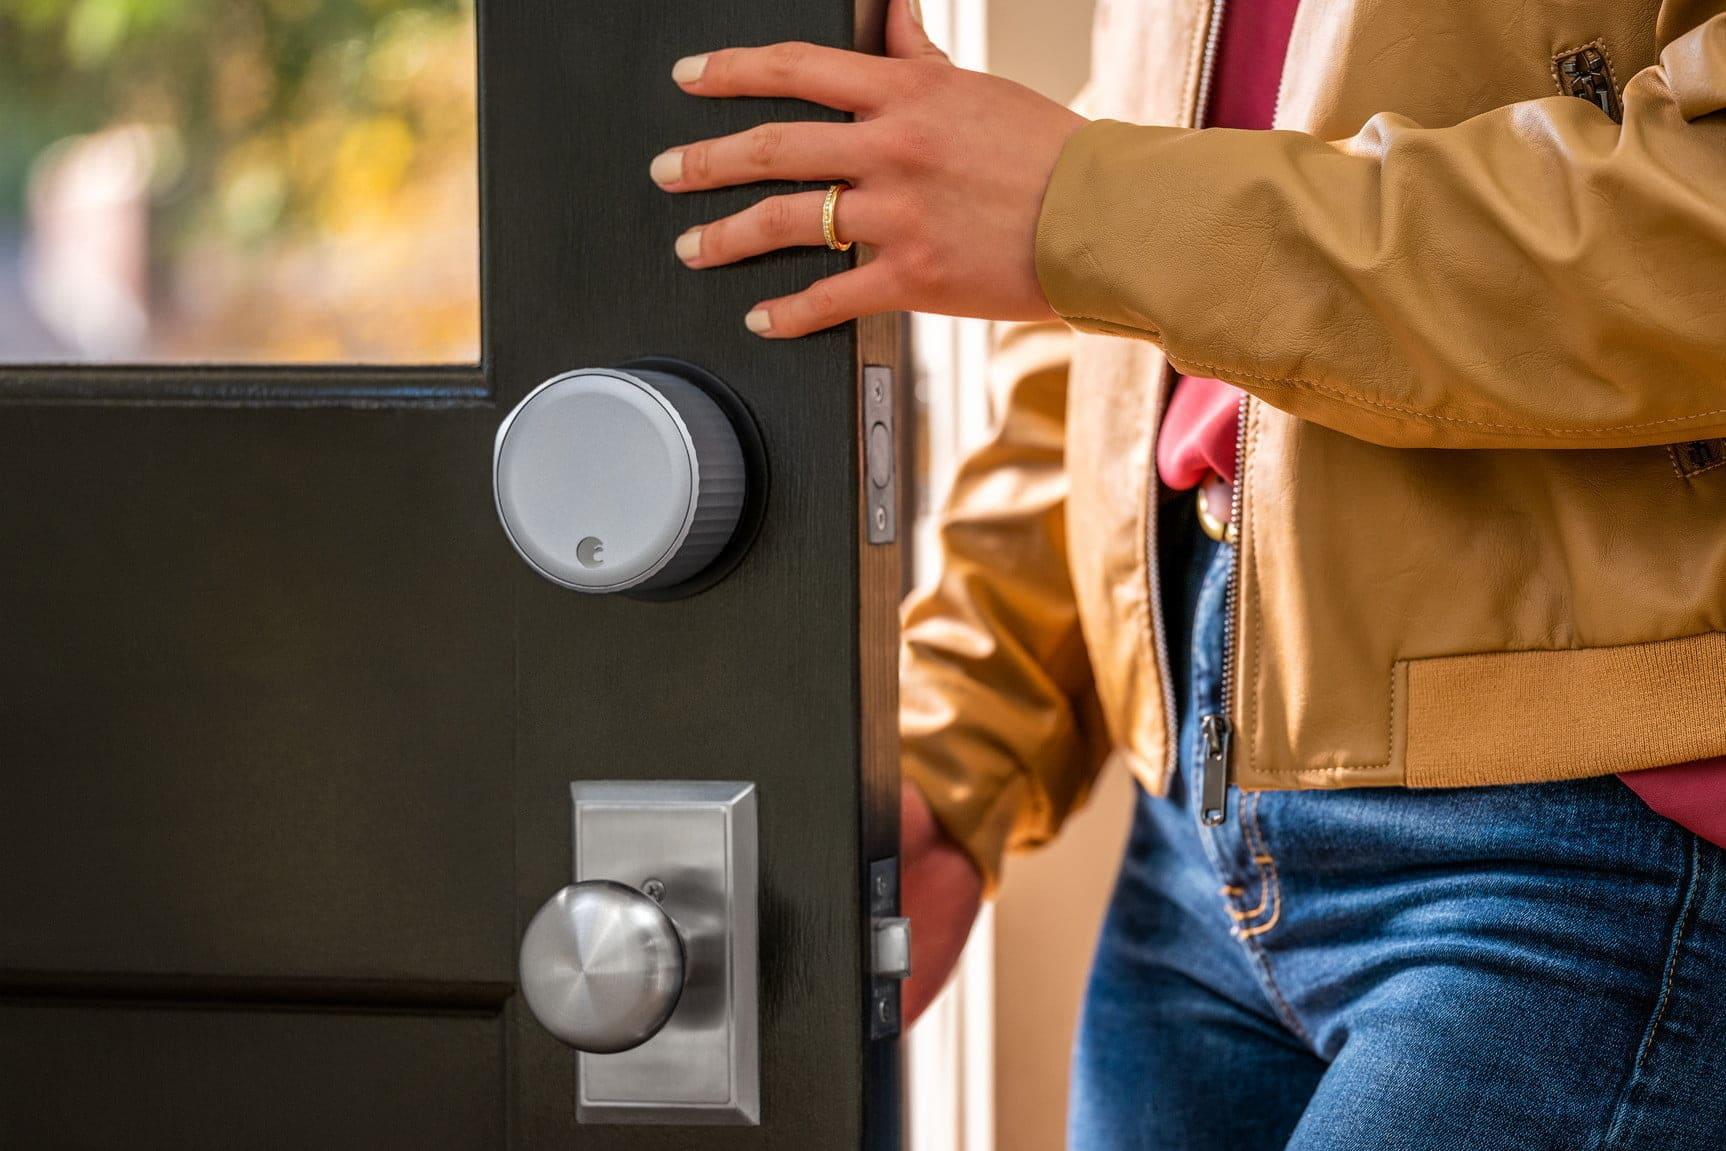 August Wi-Fi Smart Lock with open door